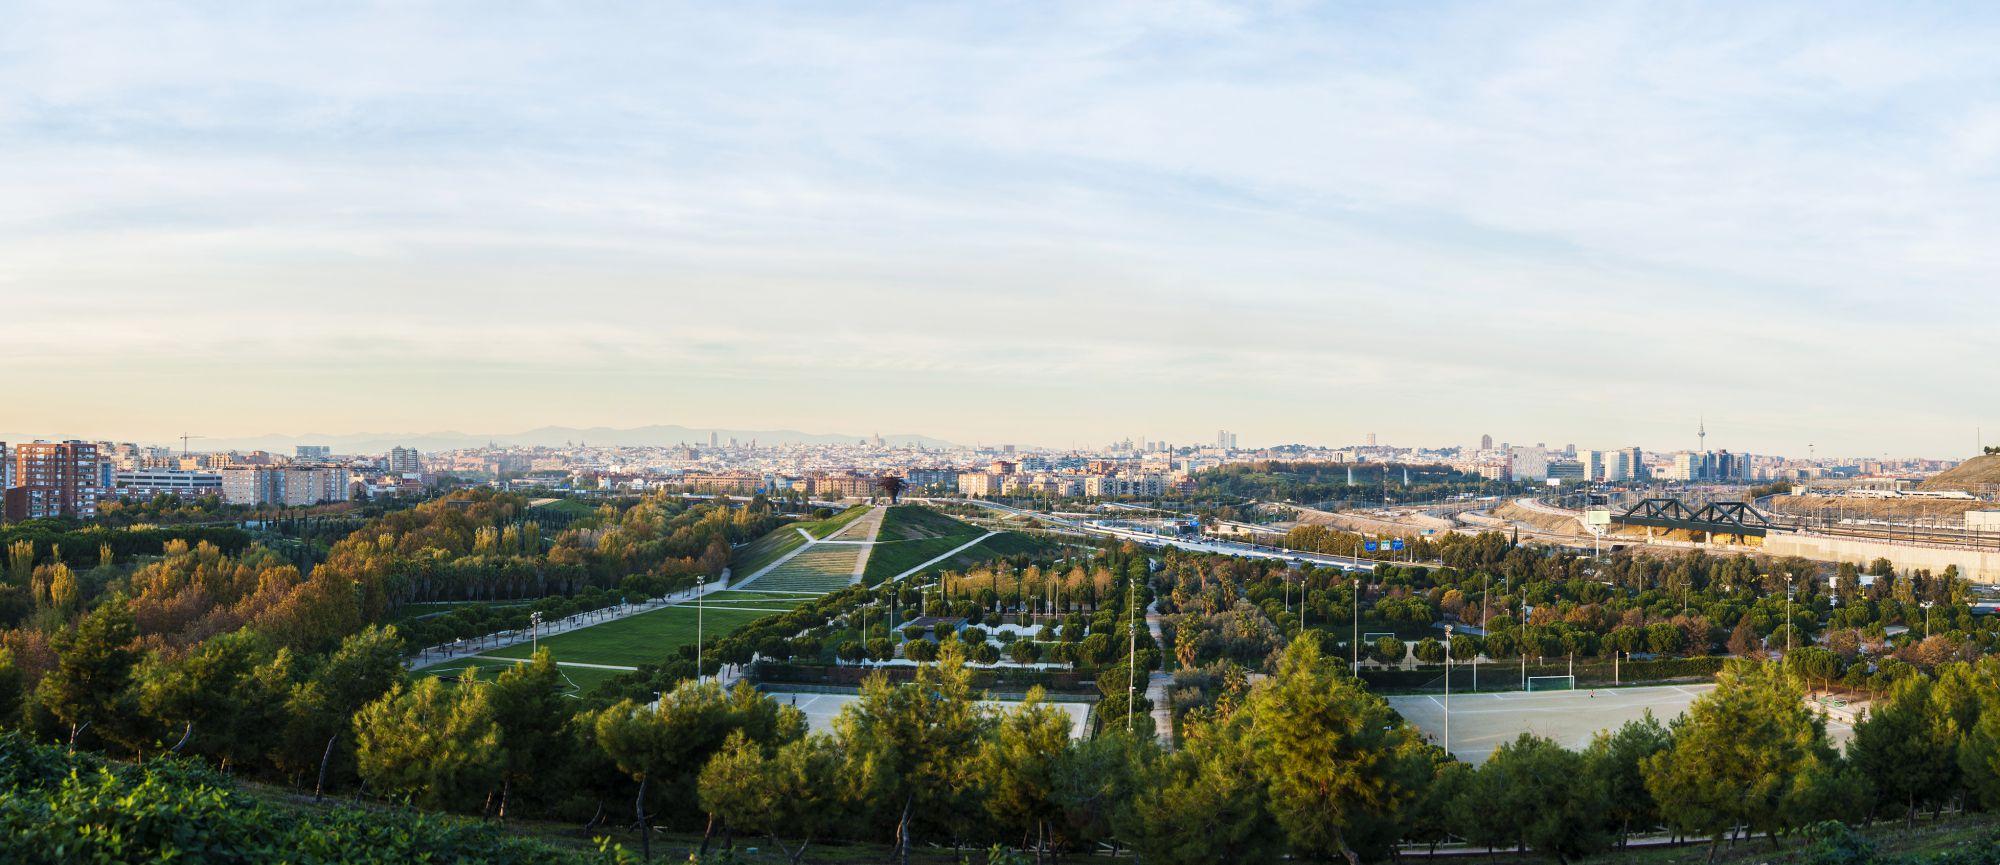 El skyline de Madrid desde el Parque Lineal del Manzanares.